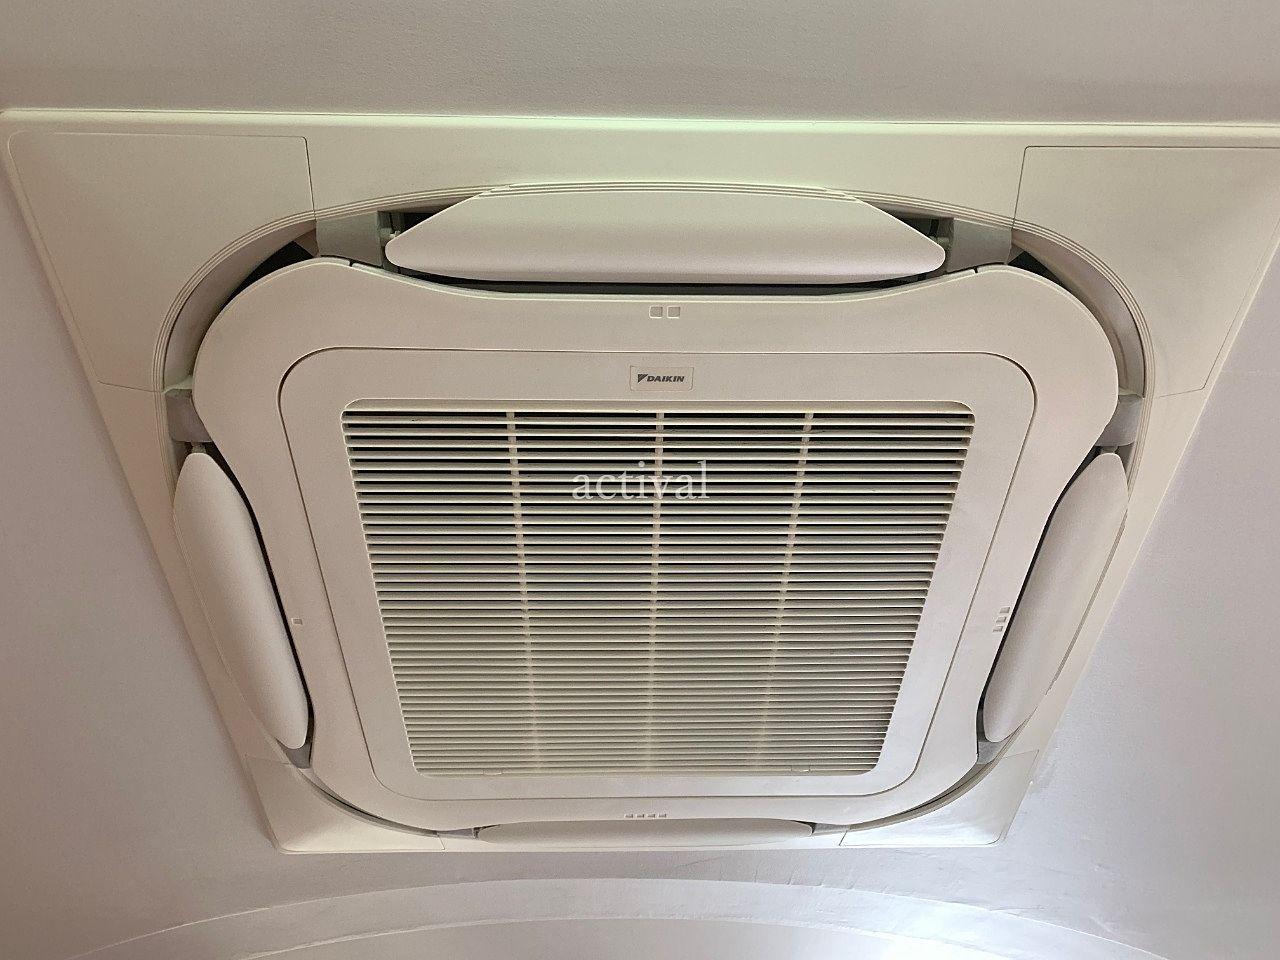 ア・ス・ヴェルデホールロビーのエアコンを掃除しました。